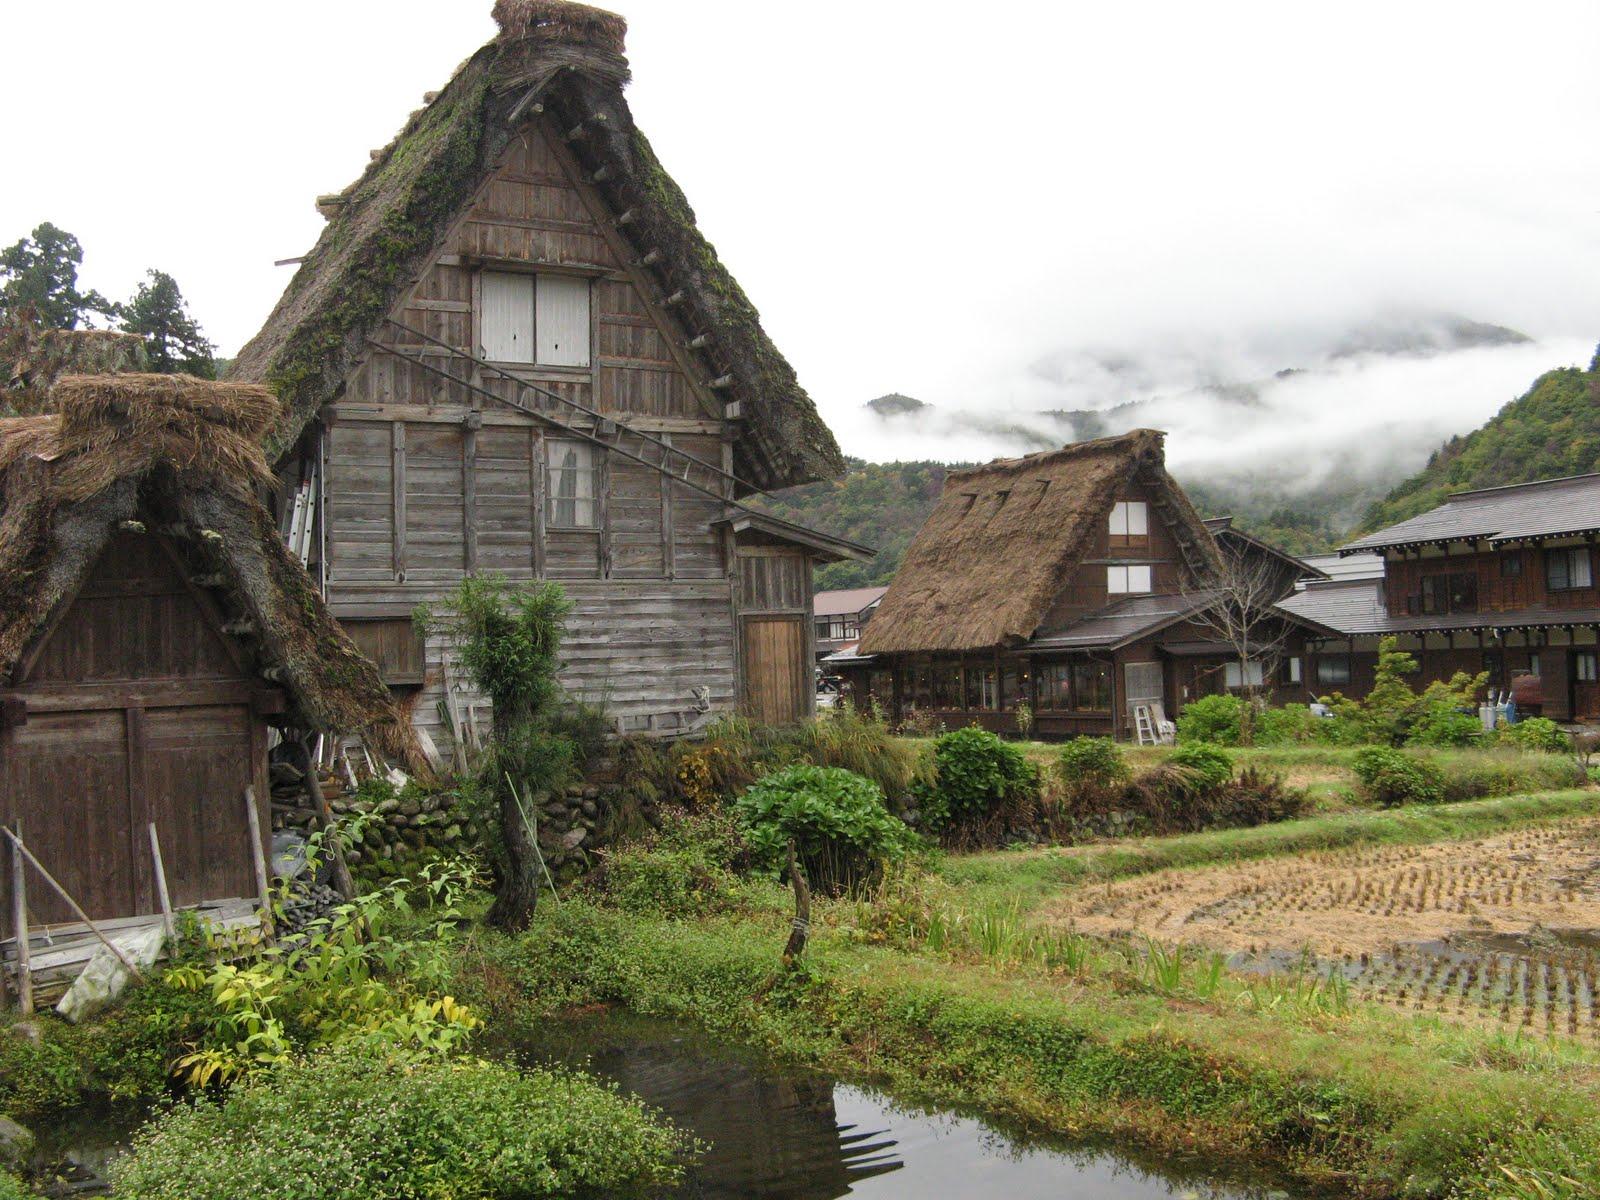 Un an au japon shirakawa g - Maison de vallee au japon par hiroshi sambuichi ...